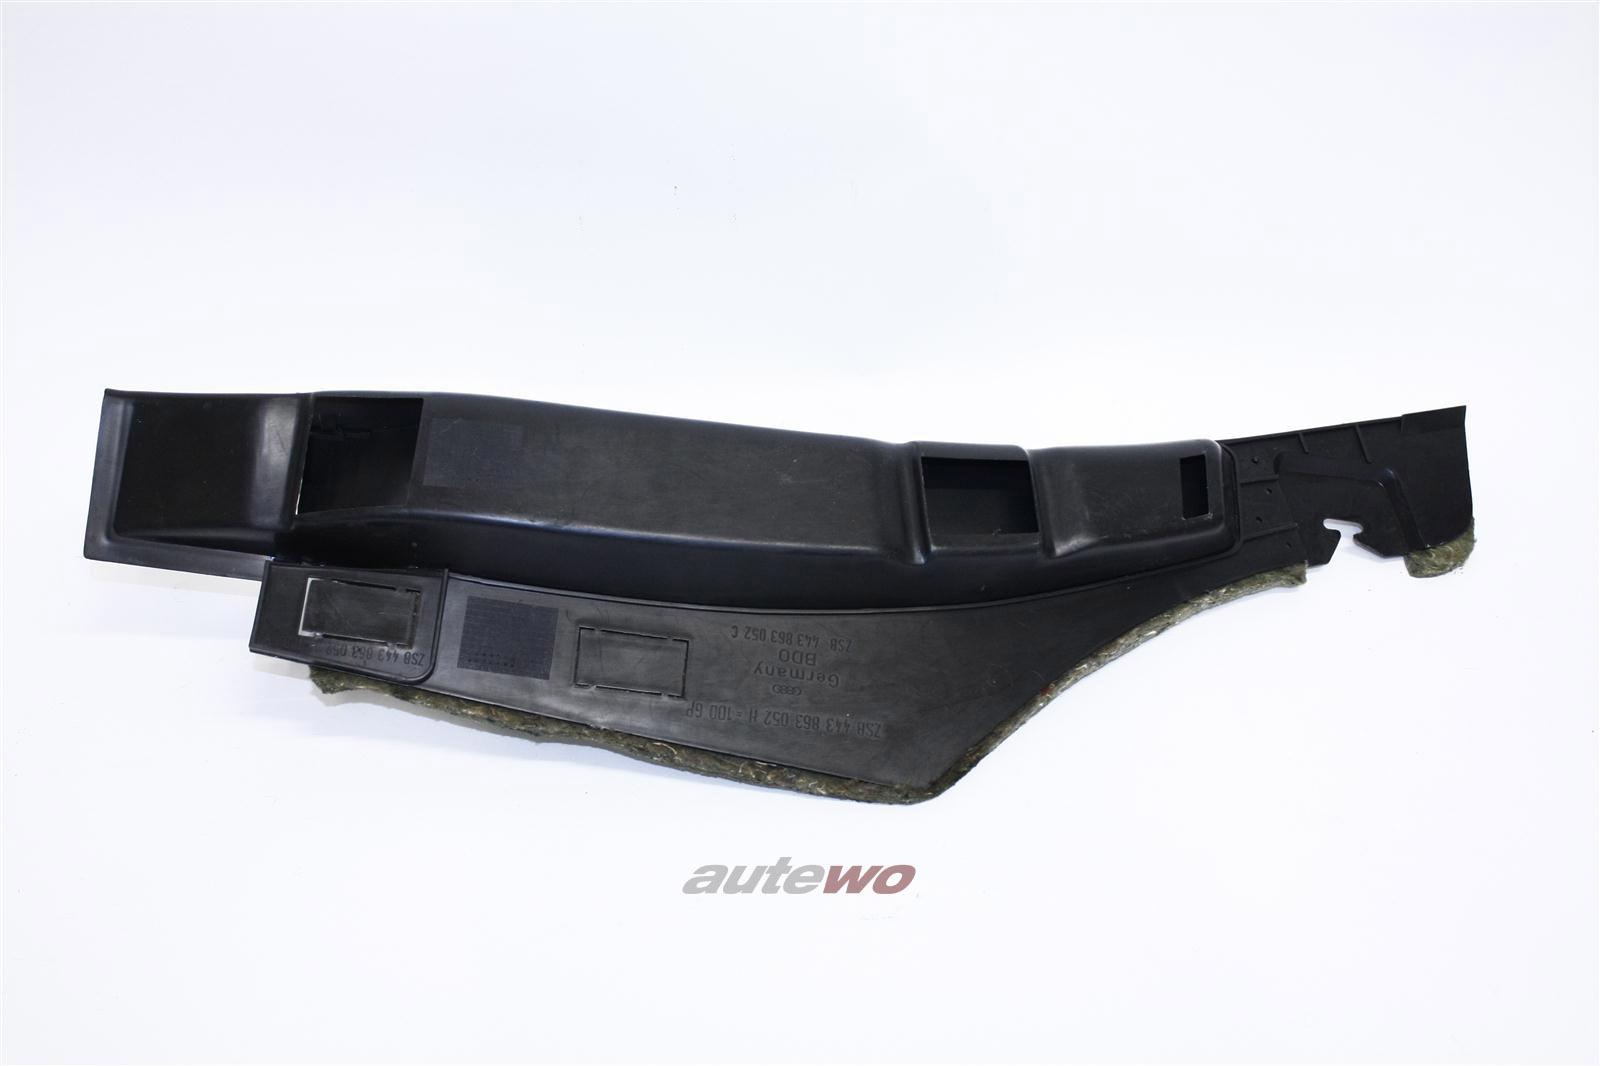 Audi 100/200 Typ 44 Abdeckung Amaturenbrett 01C Schwarz 443863052J